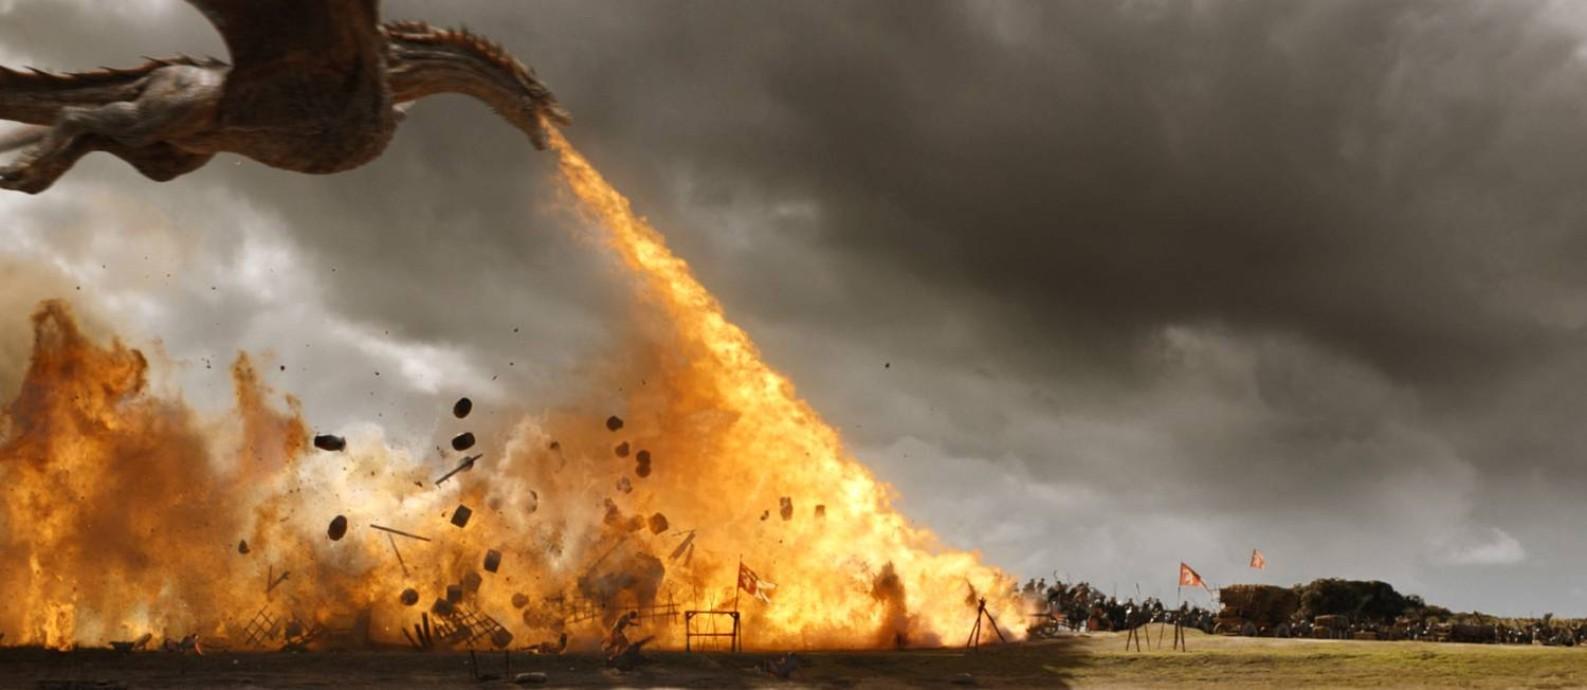 'Game of thrones': mesmo criticada, temporada final da série lidera indicações na 71ª edição do Emmy Awards Foto: Divulgação